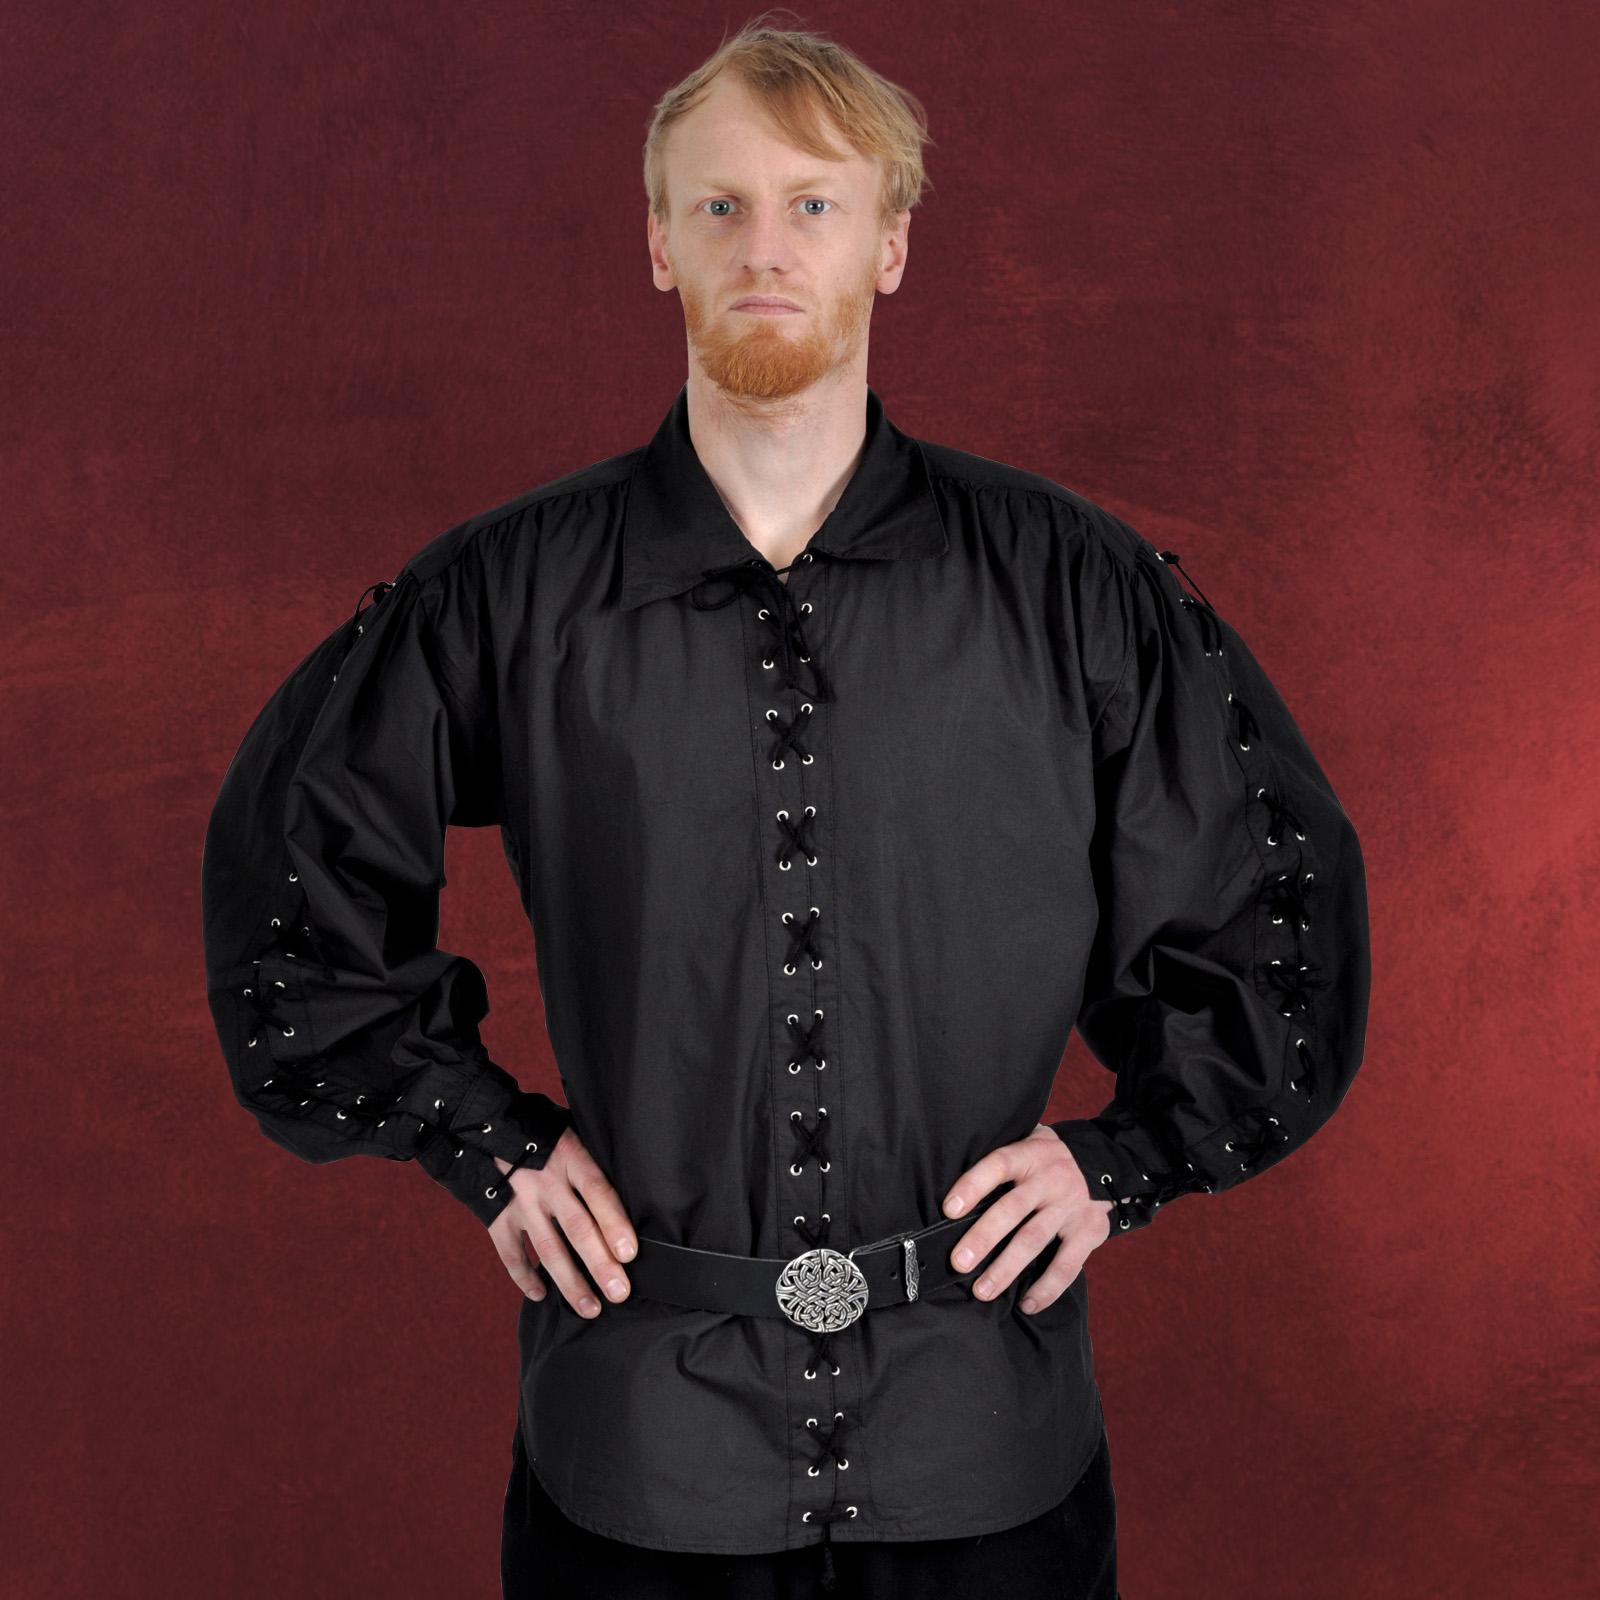 Details zu mittelalter gewand knecht hemd mit schnürung schwarz